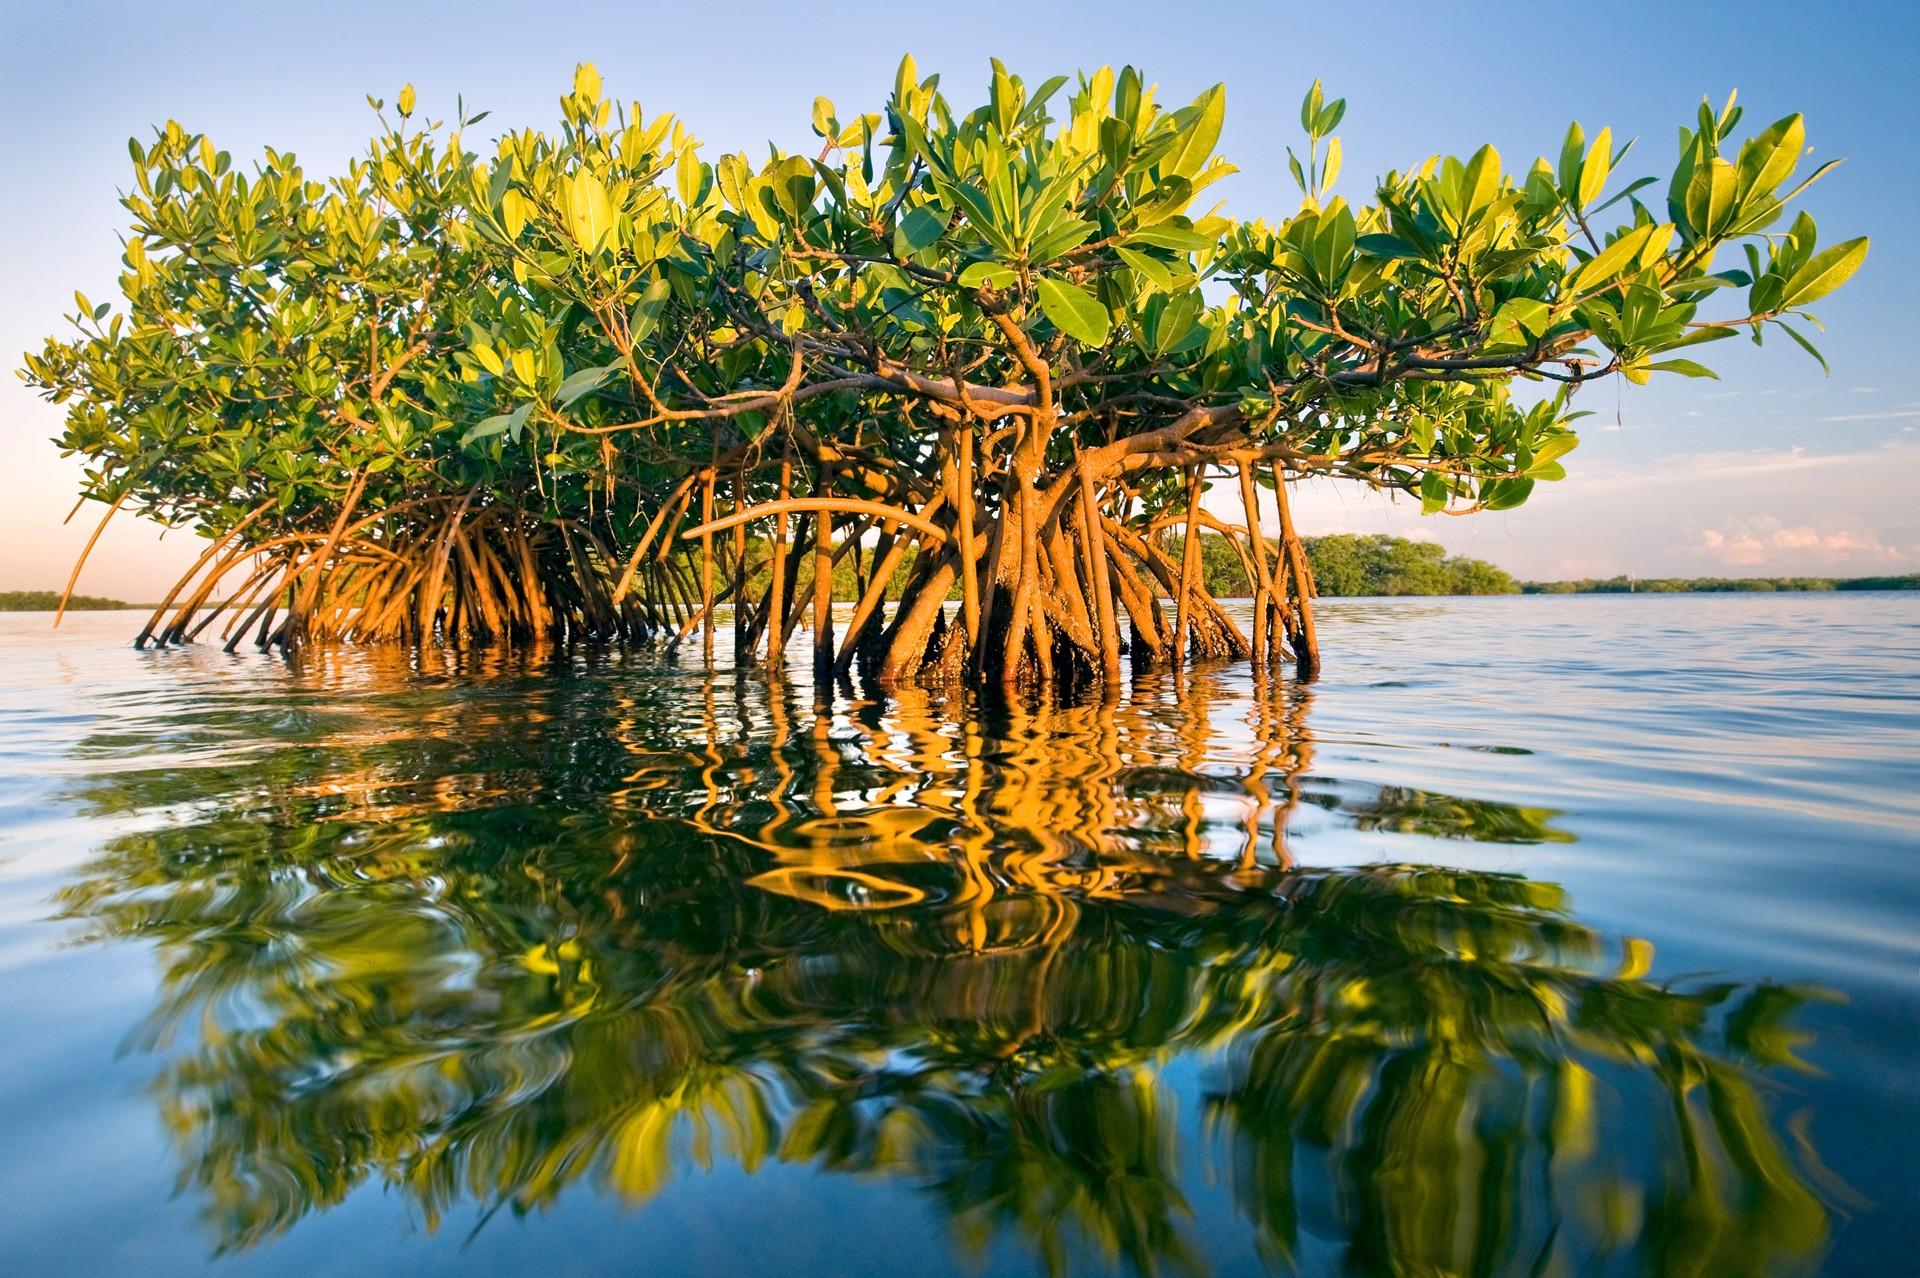 Tampa Bay Mangroves by Carlton Ward Jr